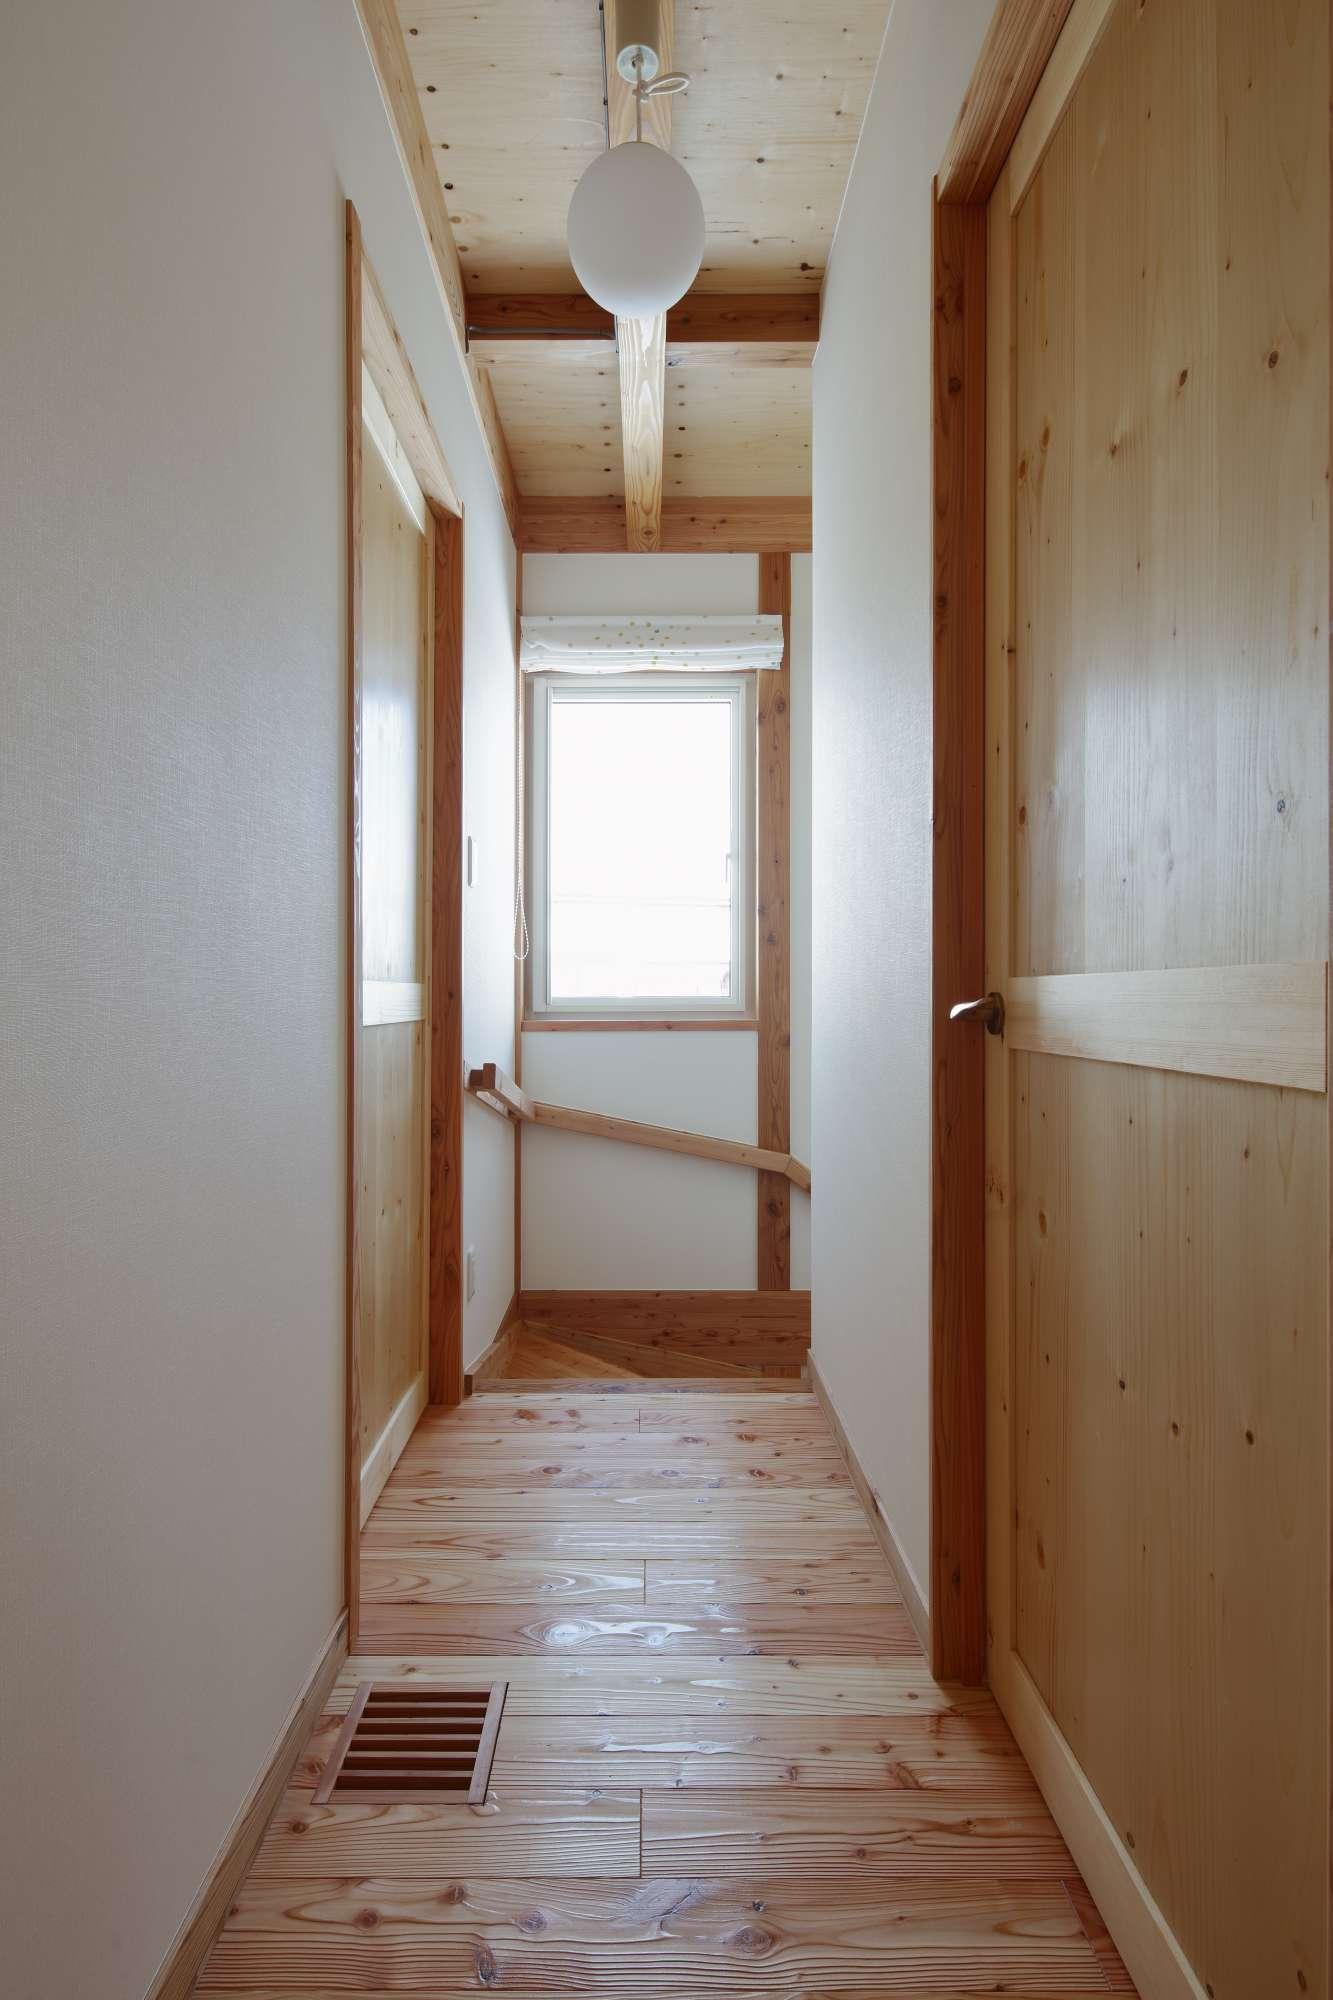 木のドアが並ぶ2階のホールは、コテージのような雰囲気 -  -  -